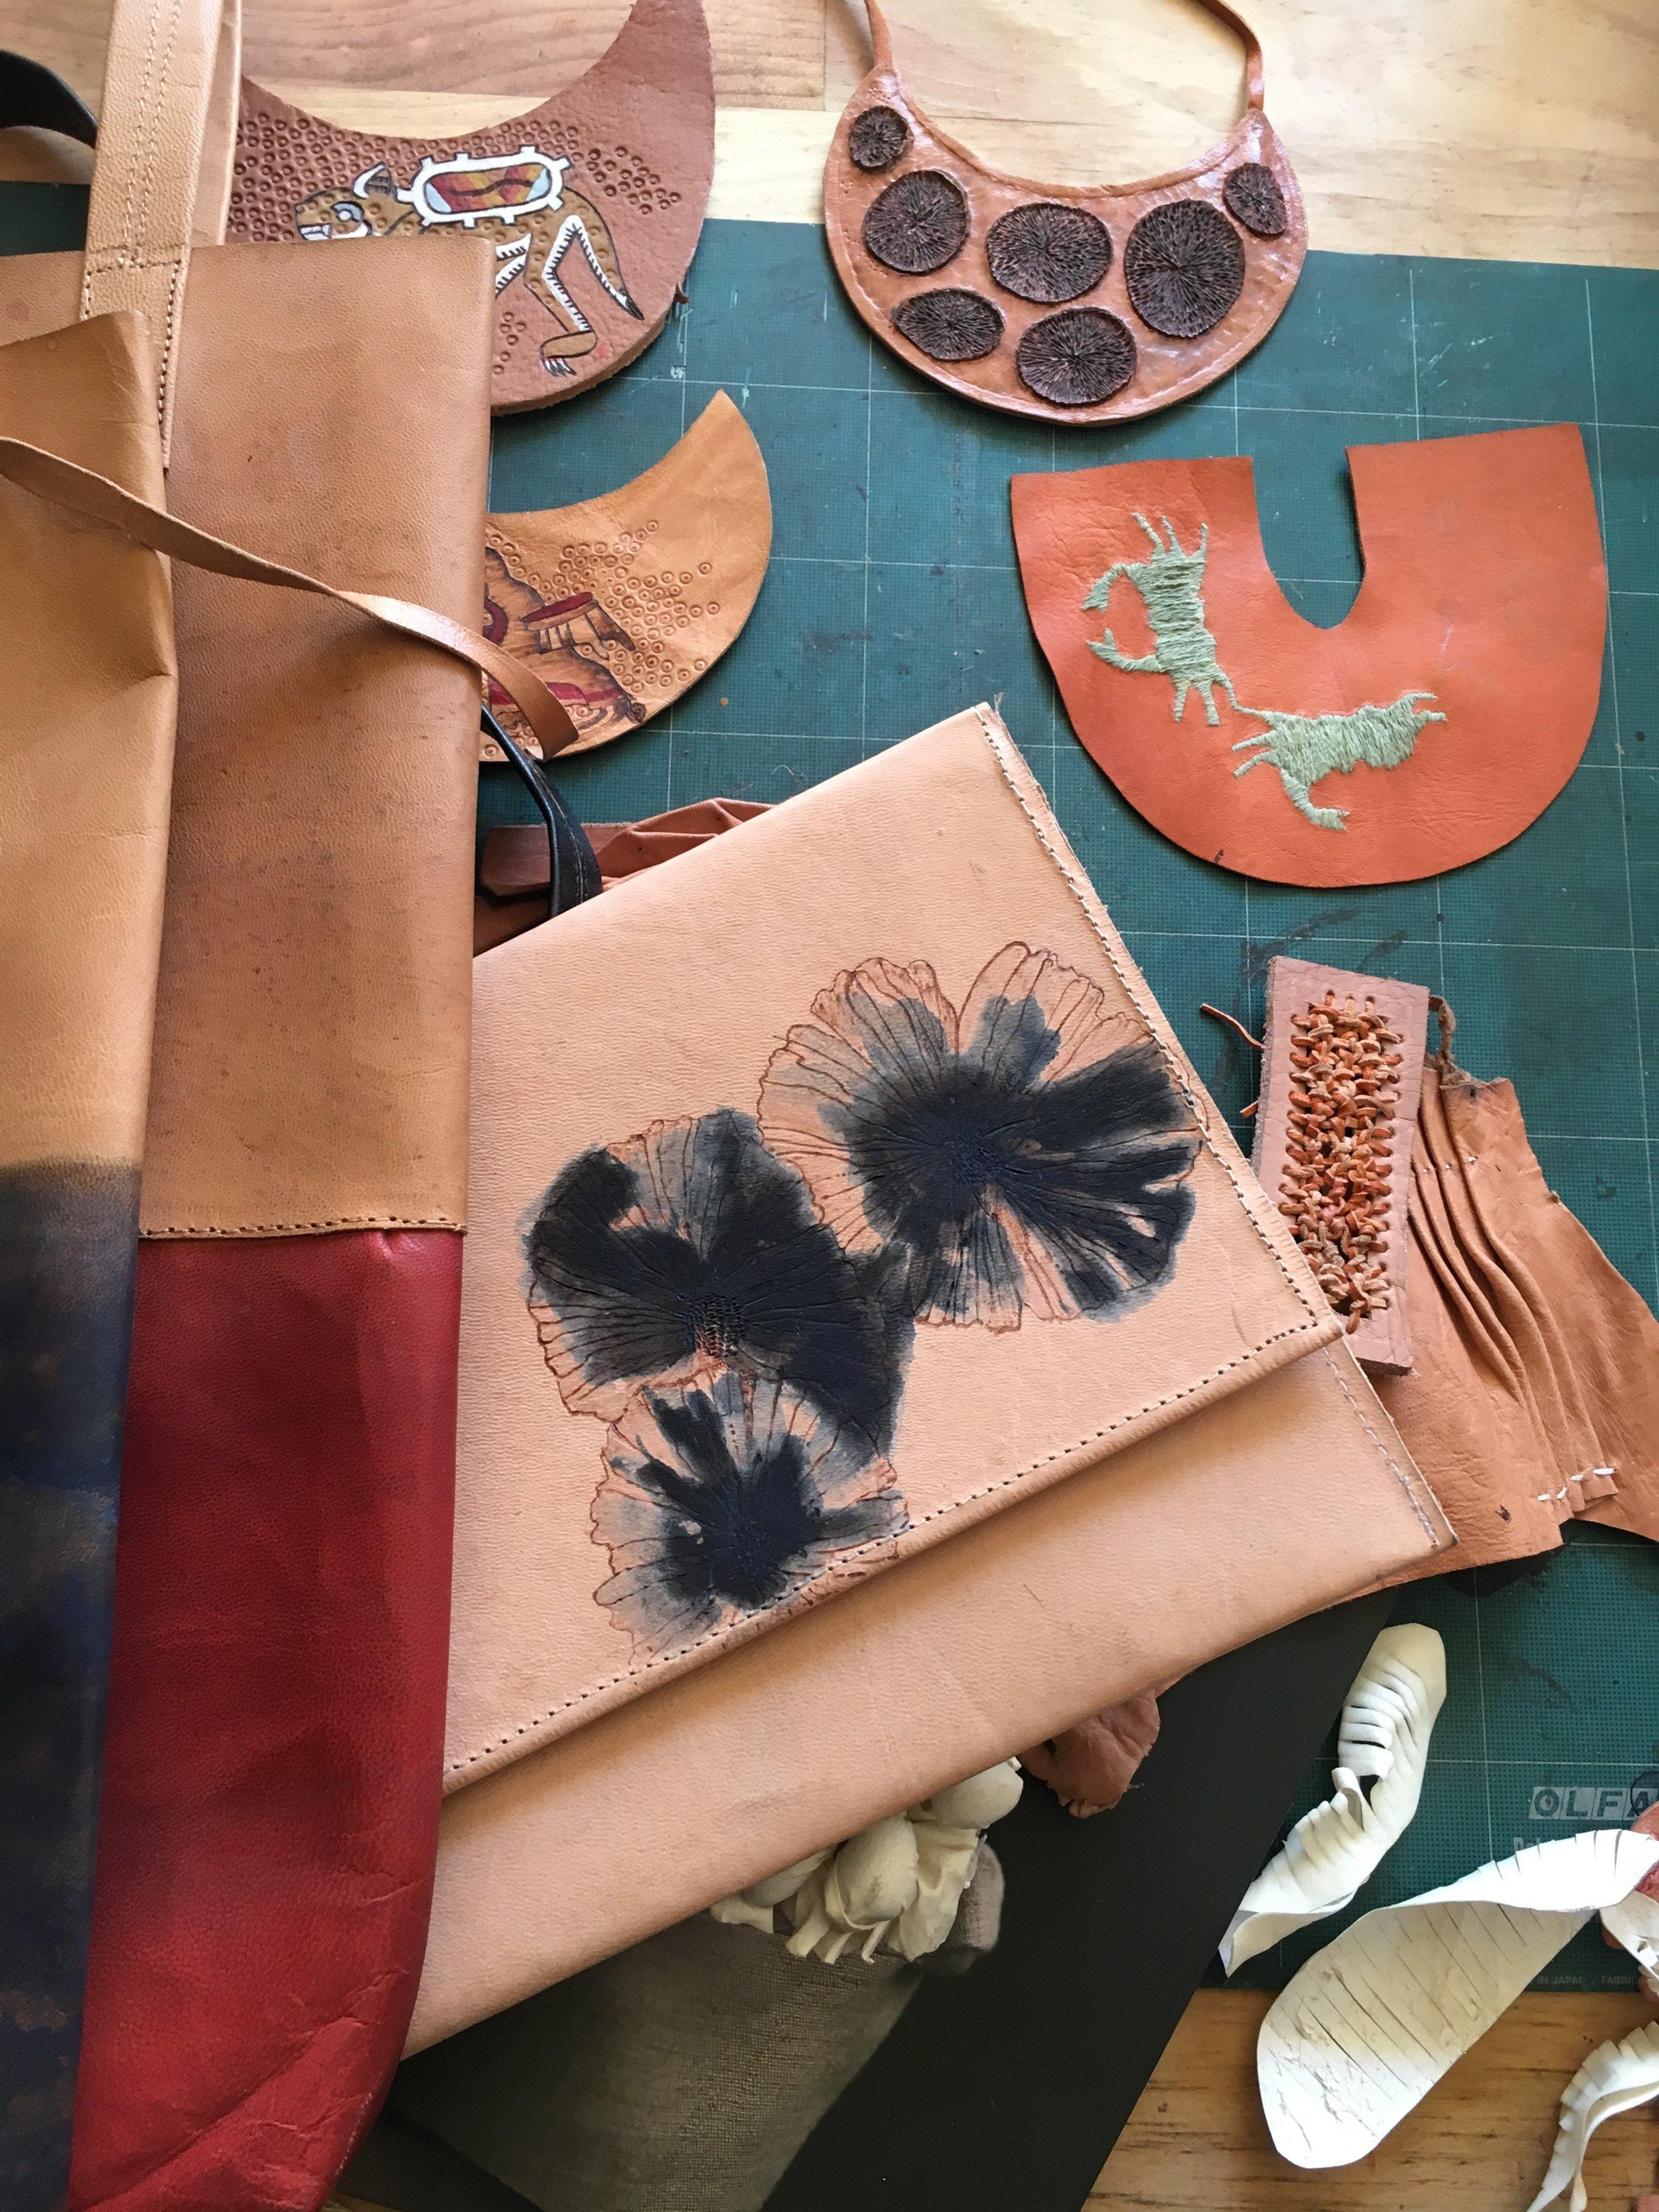 taller-studio-visit-oaxaca.JPG